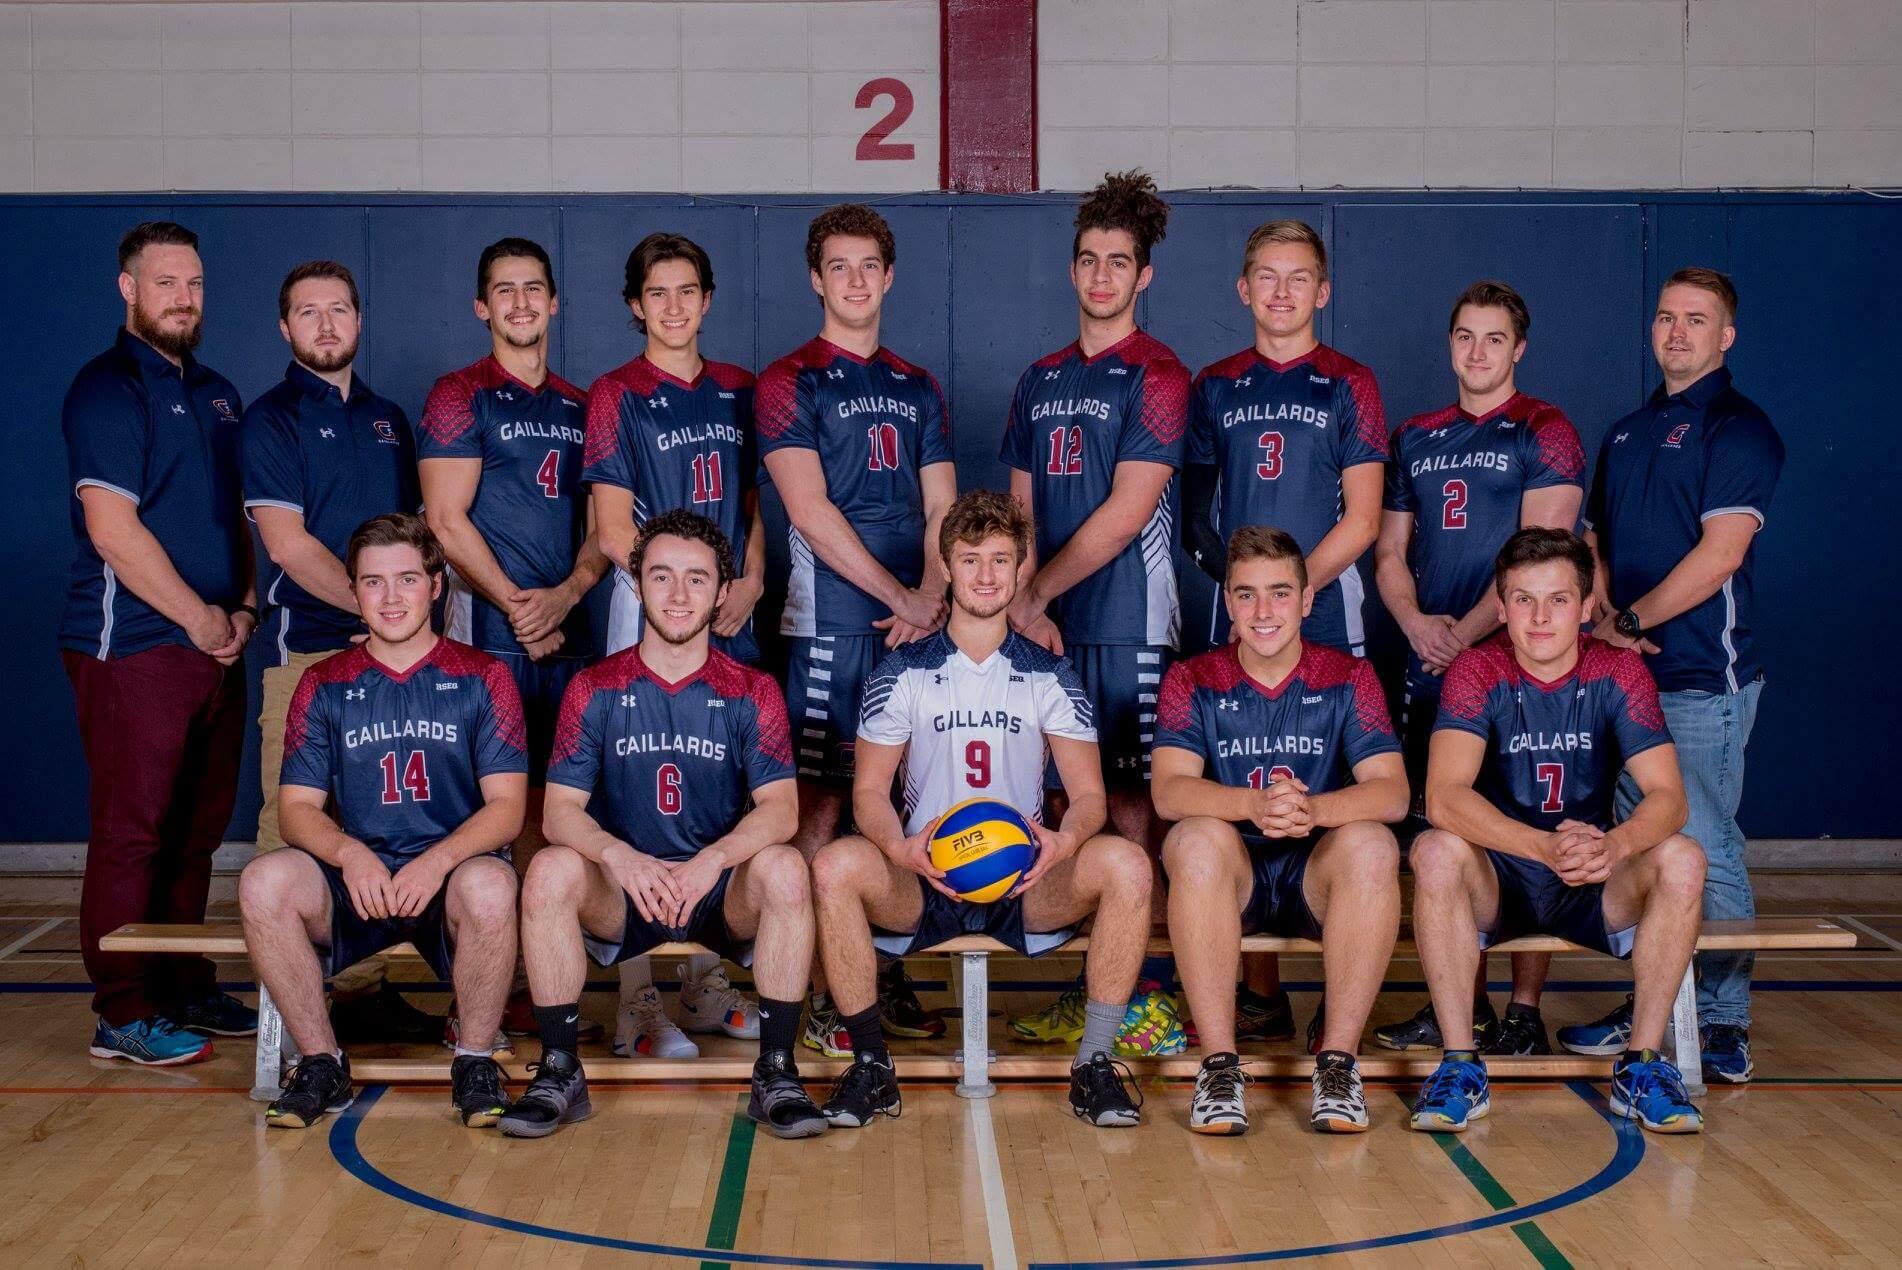 Gaillards Volleyball